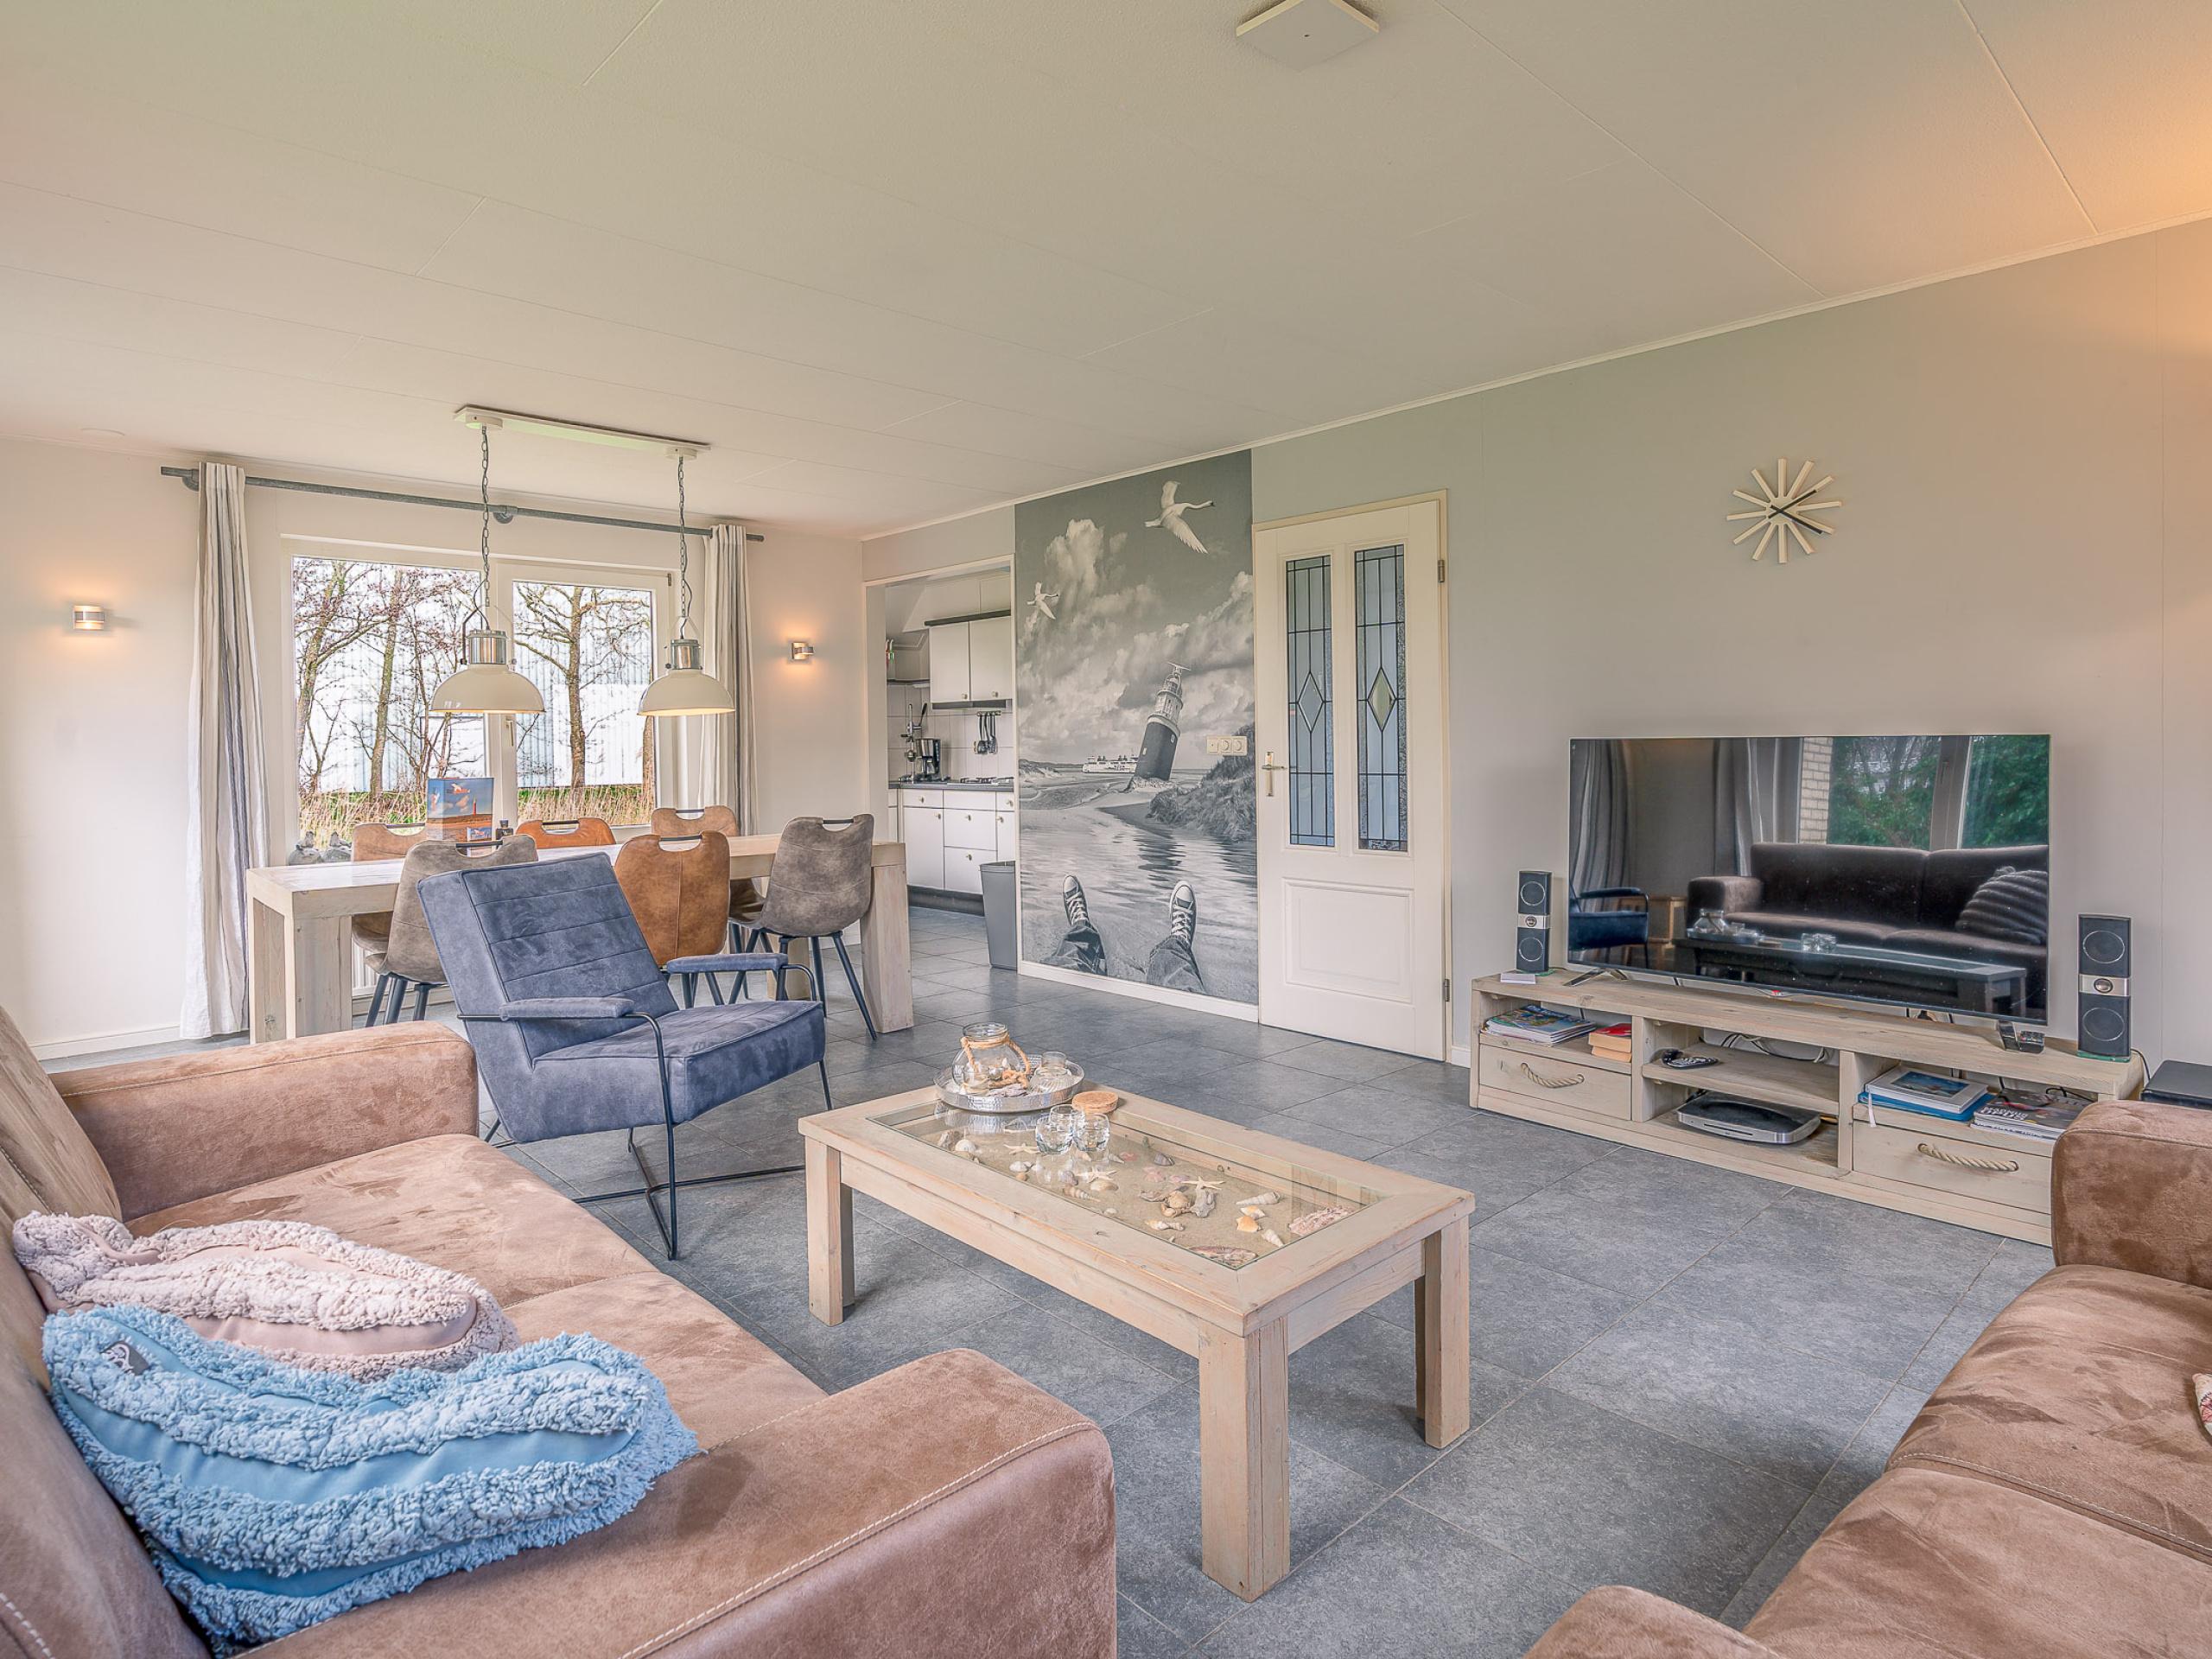 Behagliches modernes Ferienhaus am Wasser gelegen in De Koog